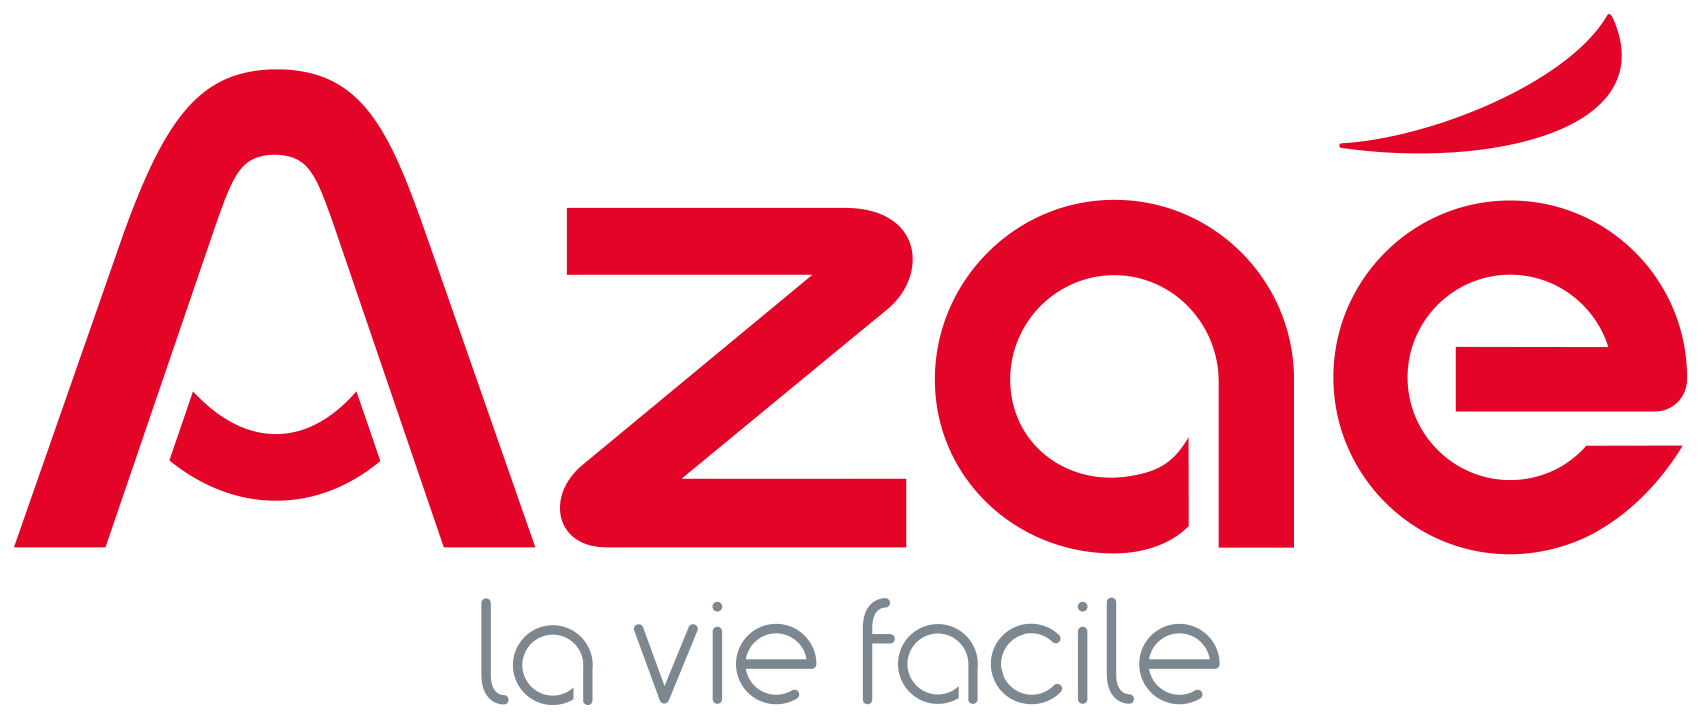 Azaé Côte Basque - Aide à domicile et femme de ménage services, aide à domicile